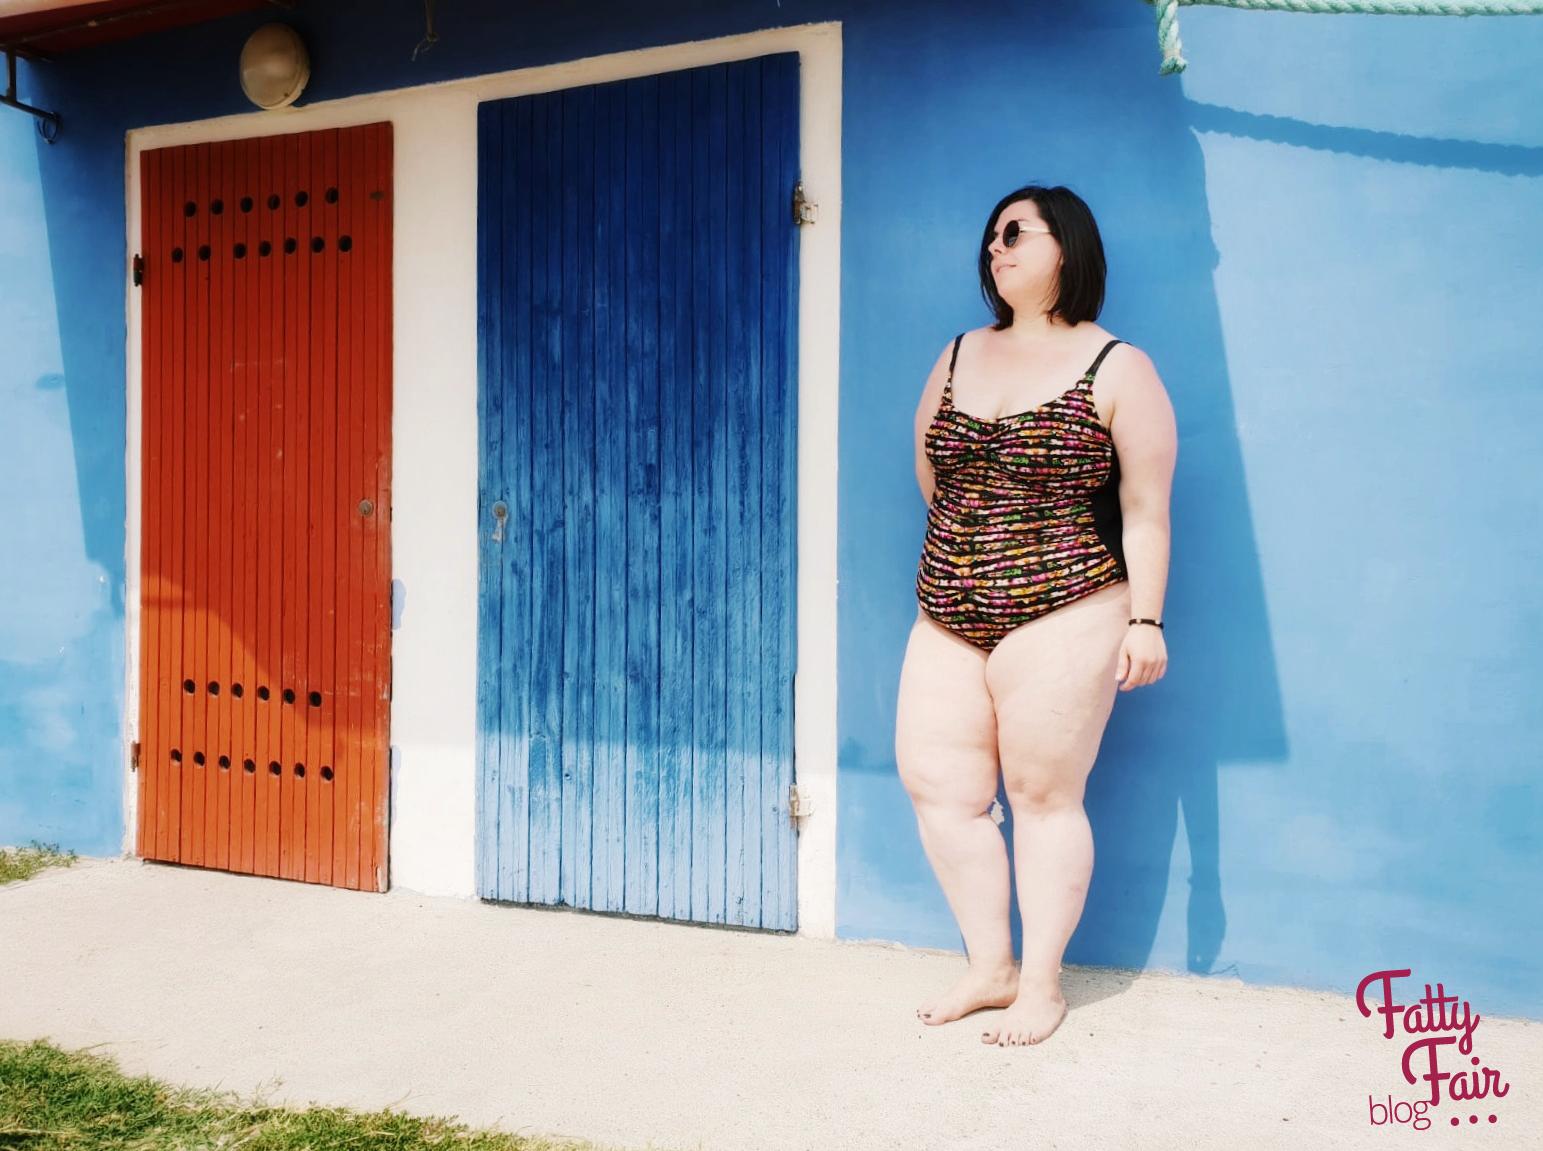 Costumi Da Bagno Taglie Forti : Costumi da bagno taglie forti palermo sky offerte online